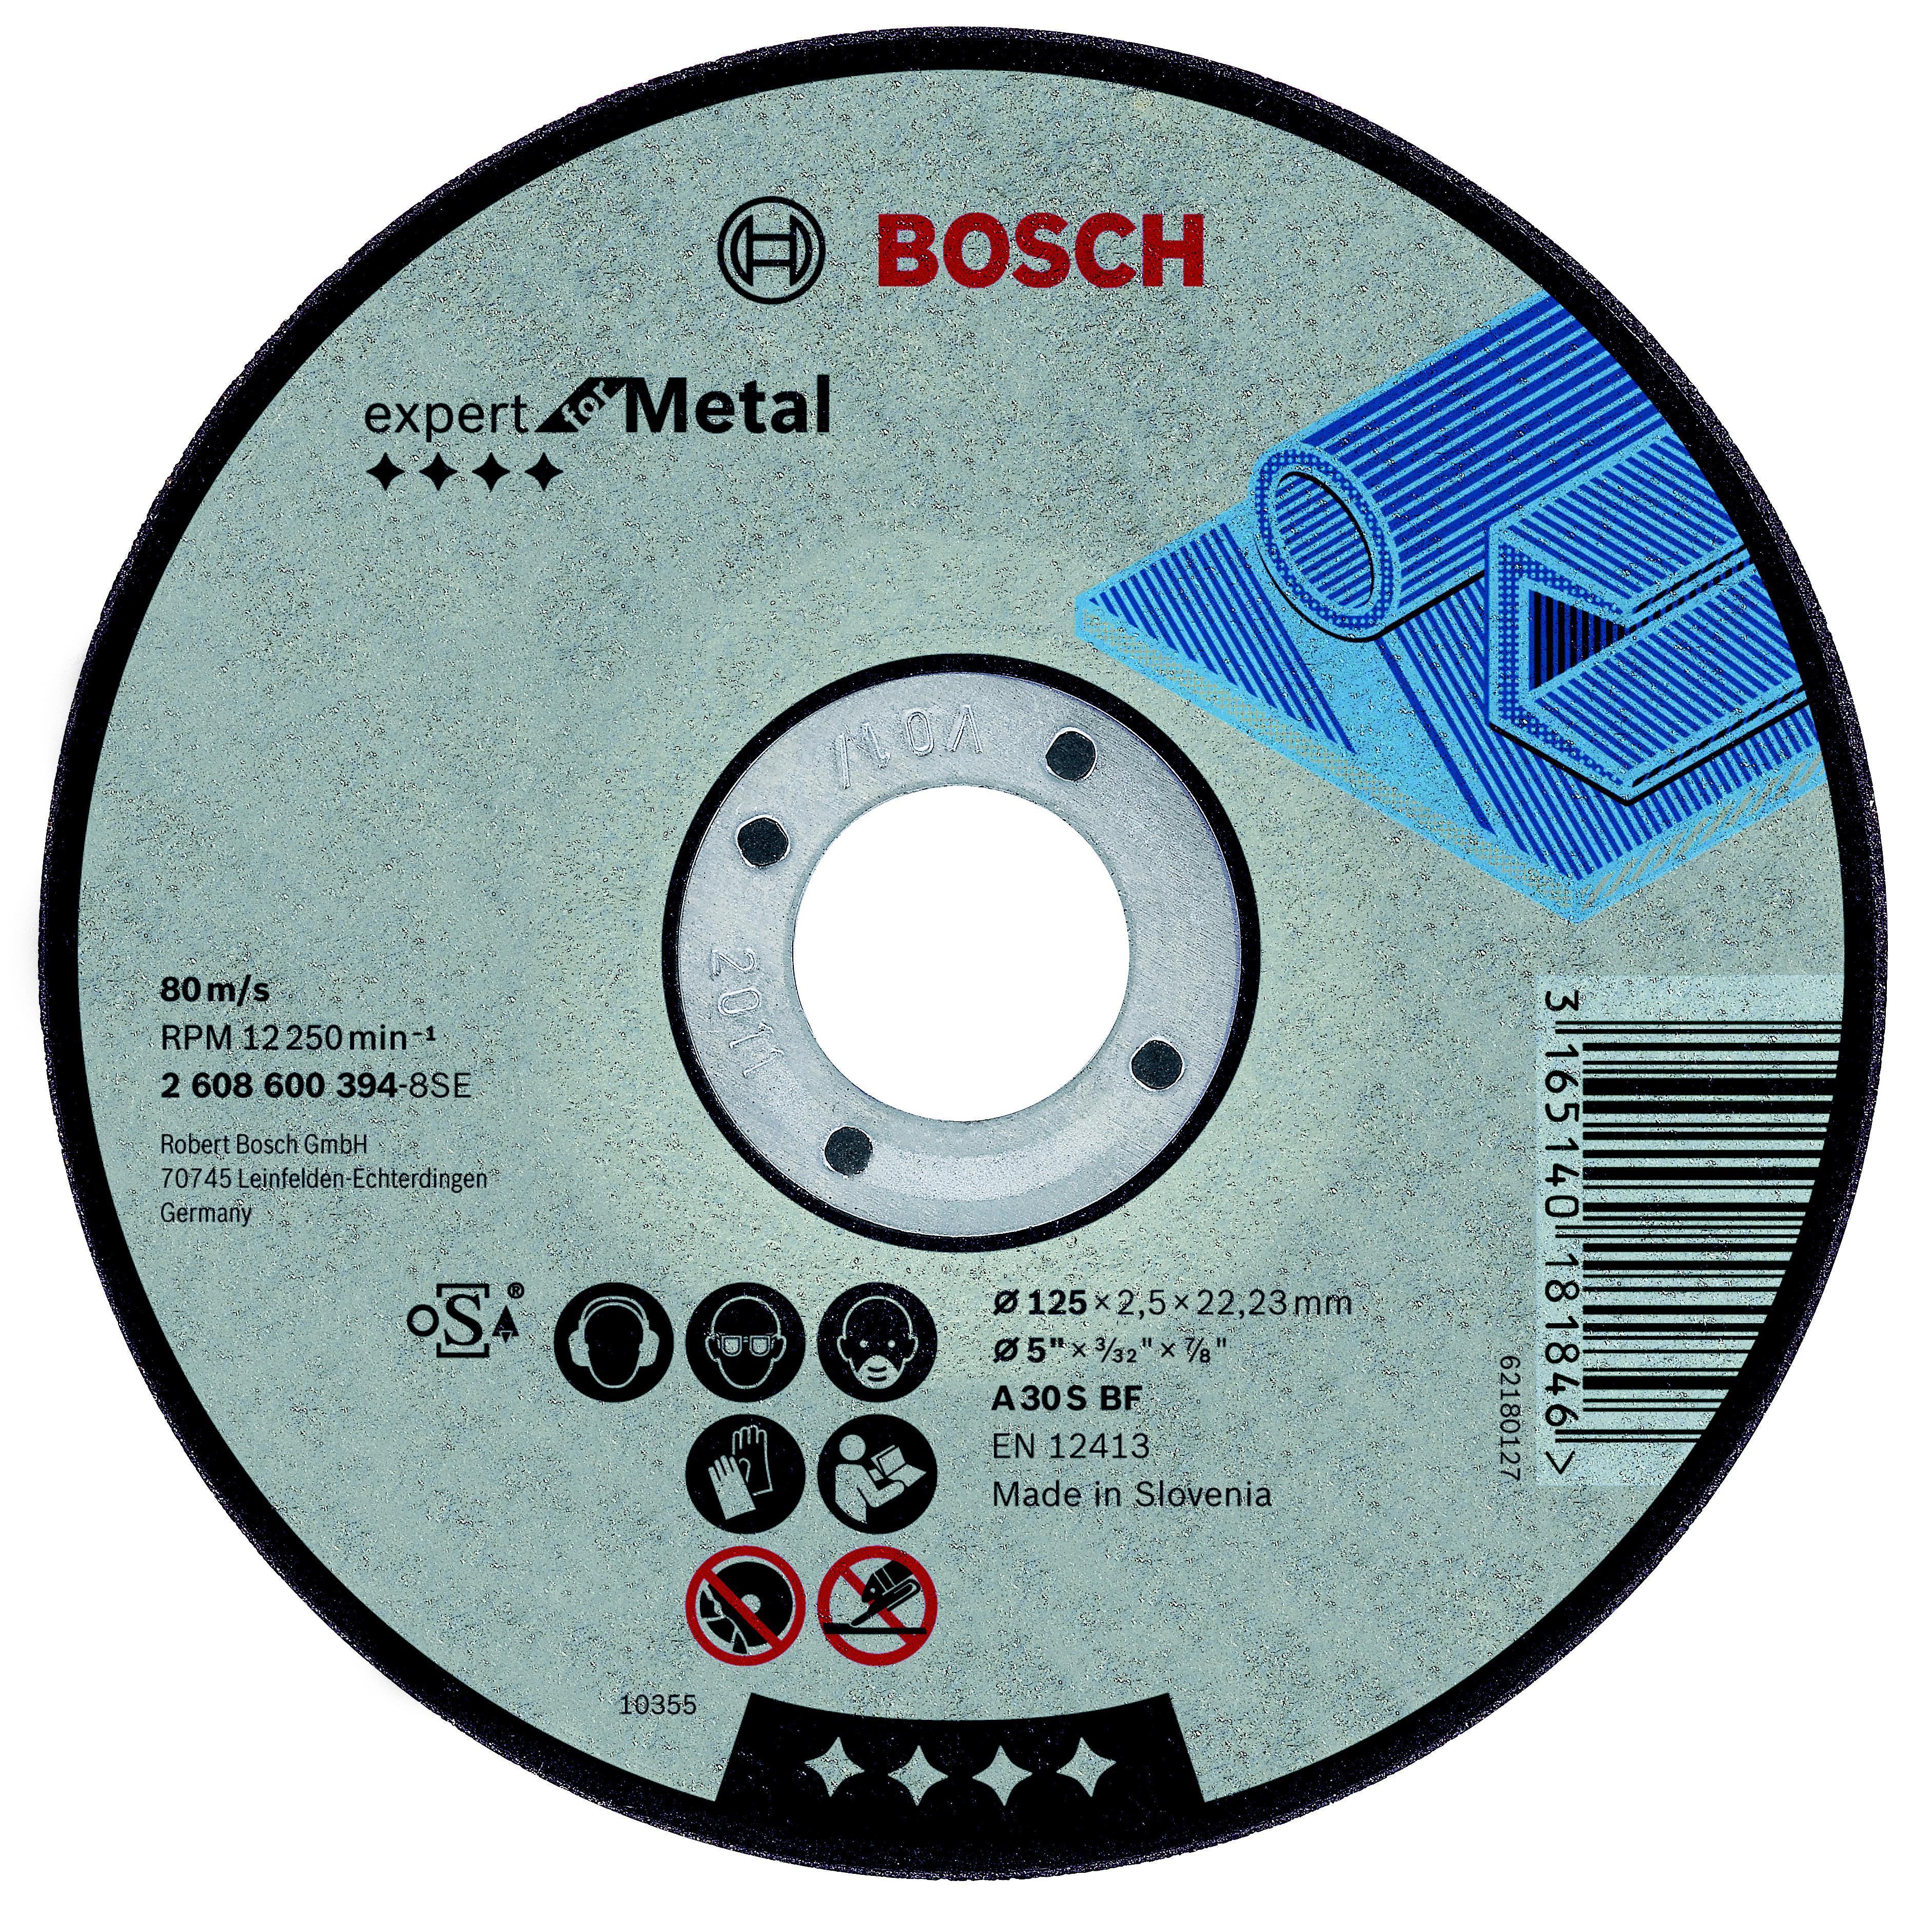 Круг отрезной Bosch 180х3х22 expert for metal (2.608.600.321) круг отрезной bosch bosch 3 in 1 115x2 5x22 по нерж 2 608 602 388